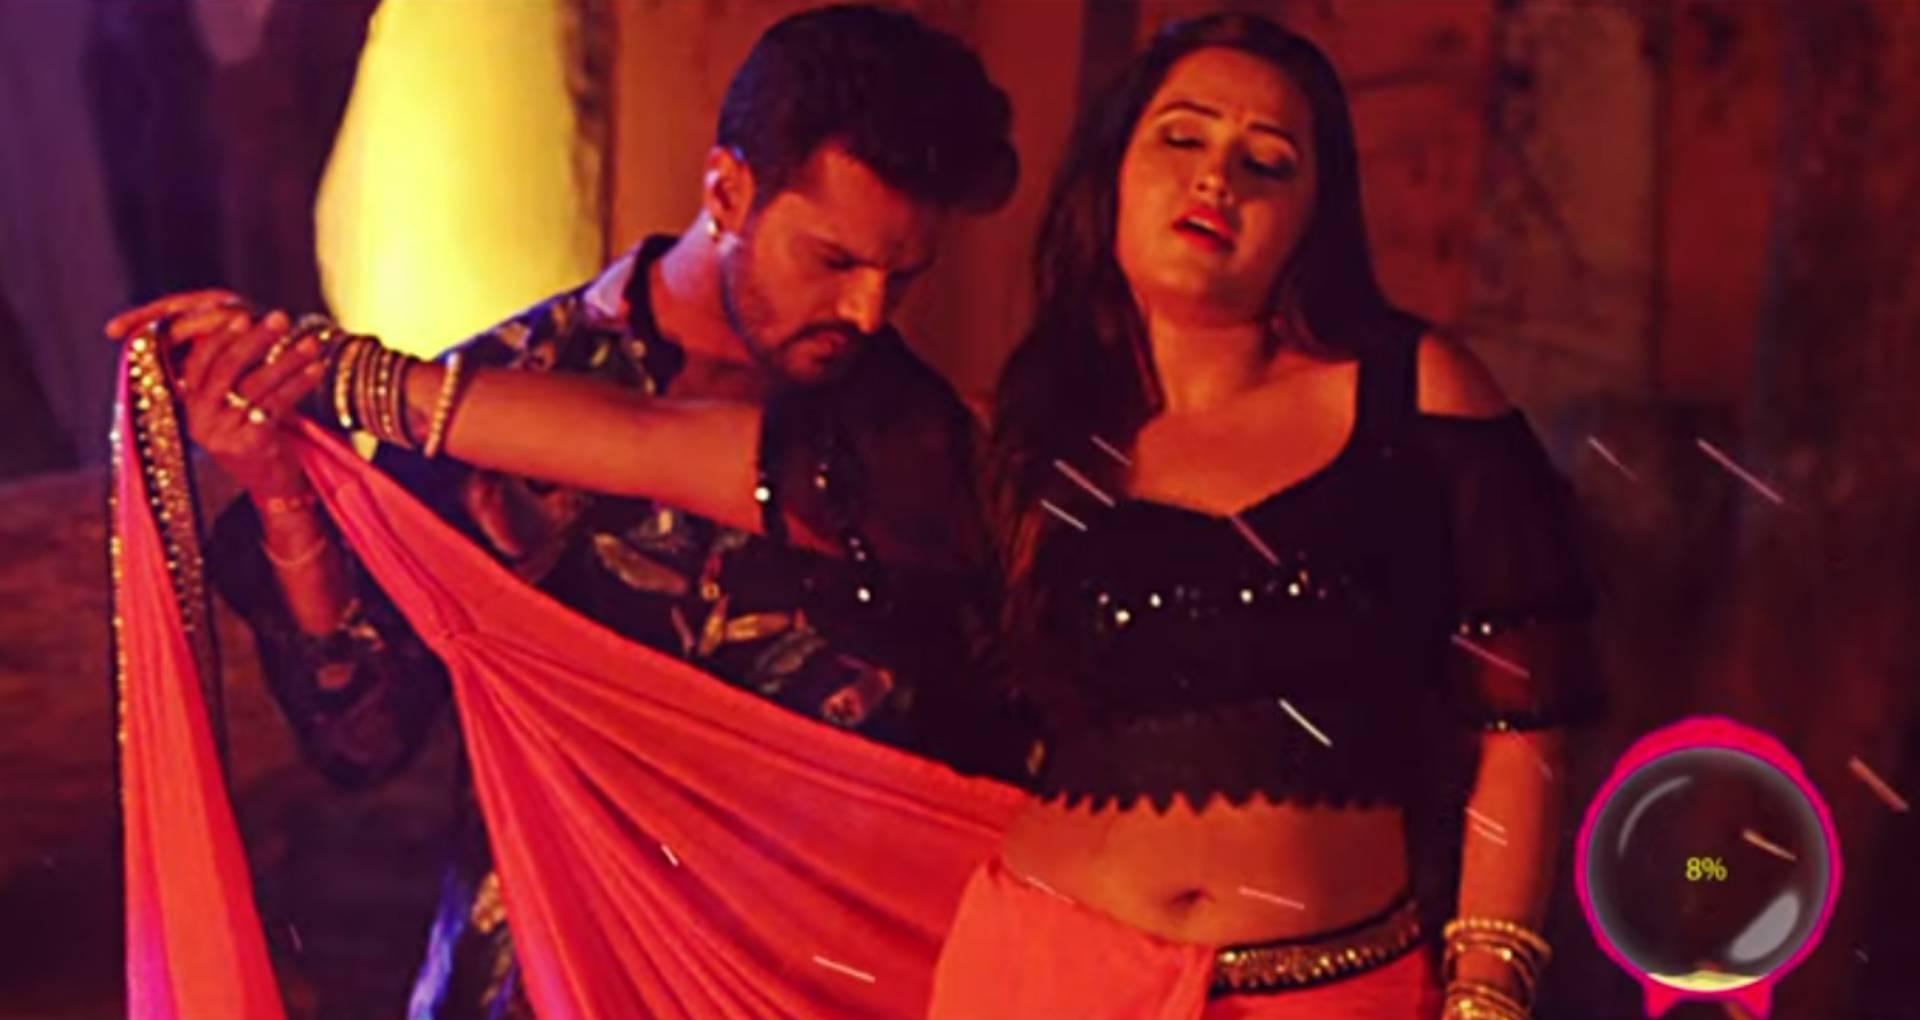 भोजपुरी फिल्म कुली नं. 1 सॉन्ग हुआ ट्रेंड, इस गाने में दिखा खेसारी लाल यादव और काजल राघवानी का बोल्ड डांस